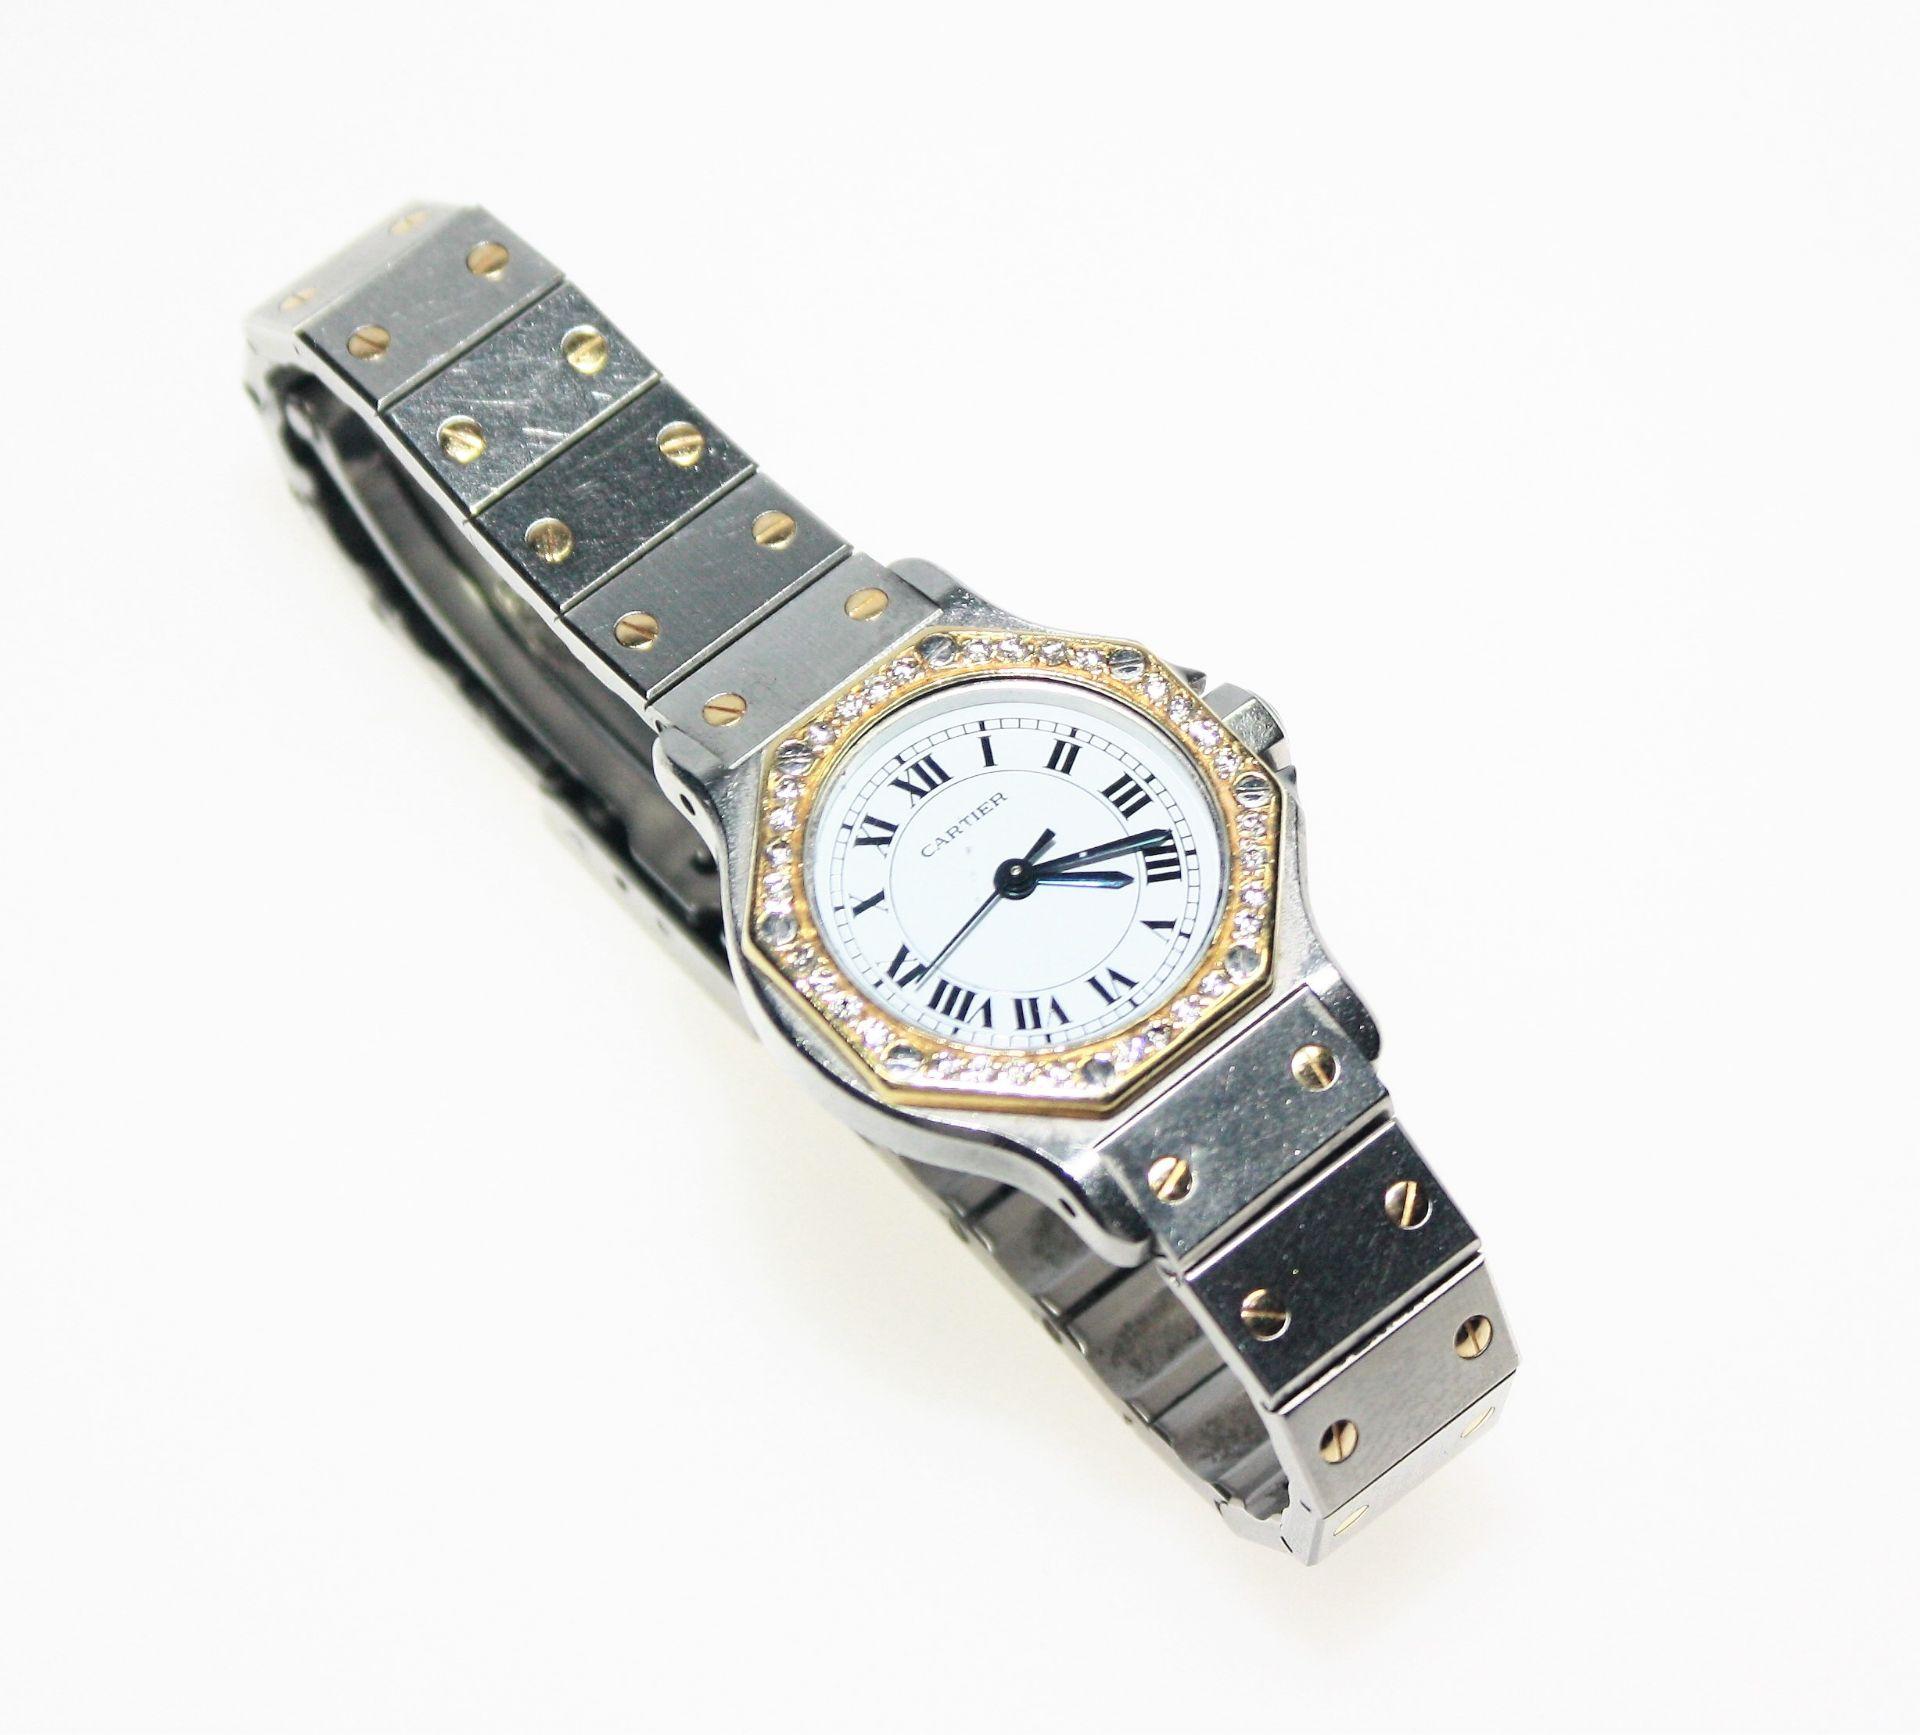 """Damen-Armbanduhr Stahl/Gold """"Cartier"""", rundes, weißes Zifferblatt mit römischen Ziffern, umgeben von"""